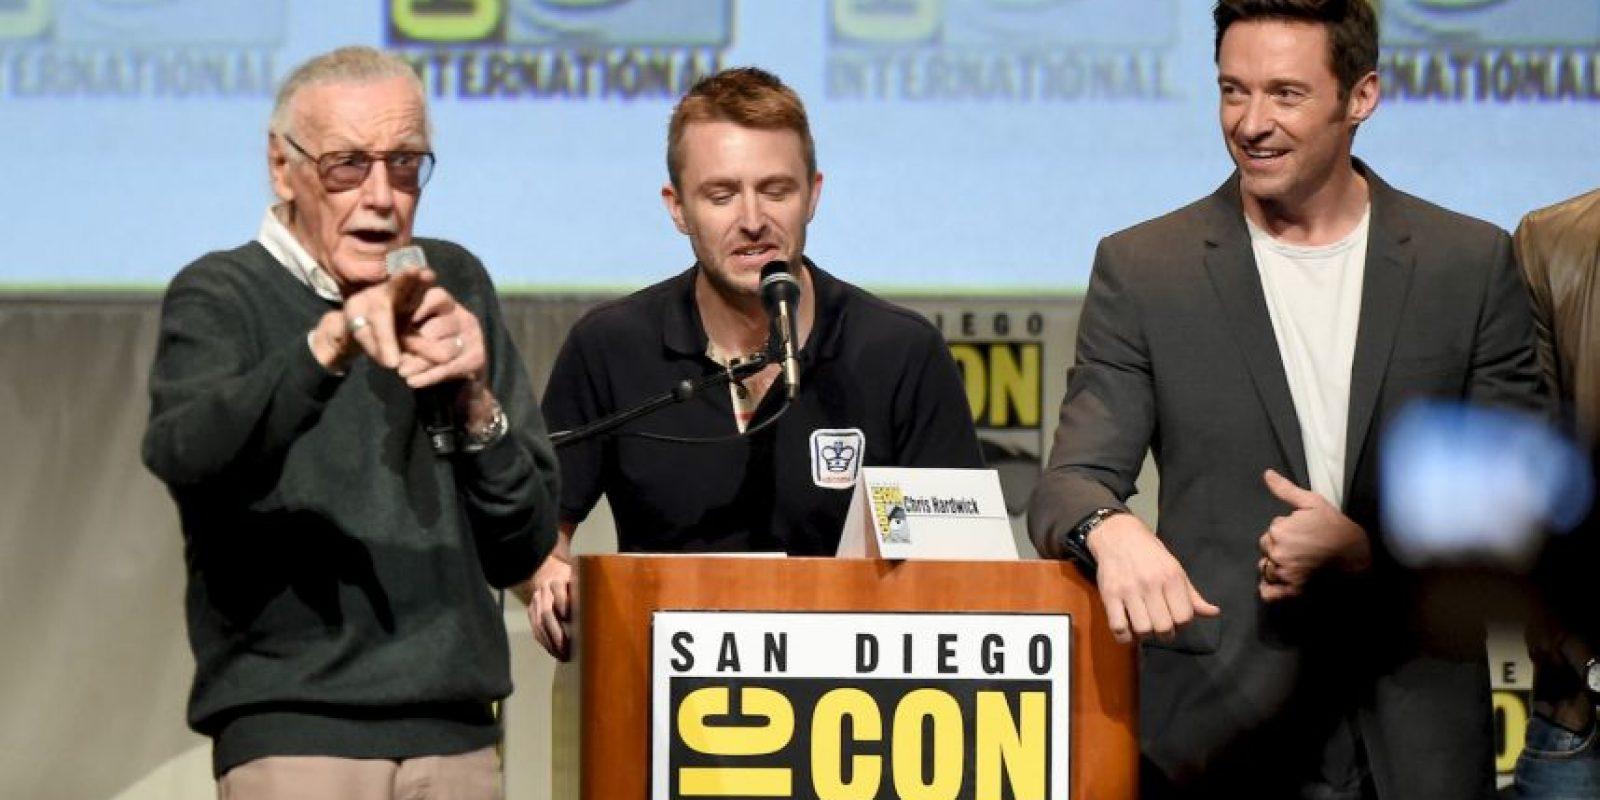 Lee es considerado el padre de los principales personajes de Marvel. Foto:Getty Images